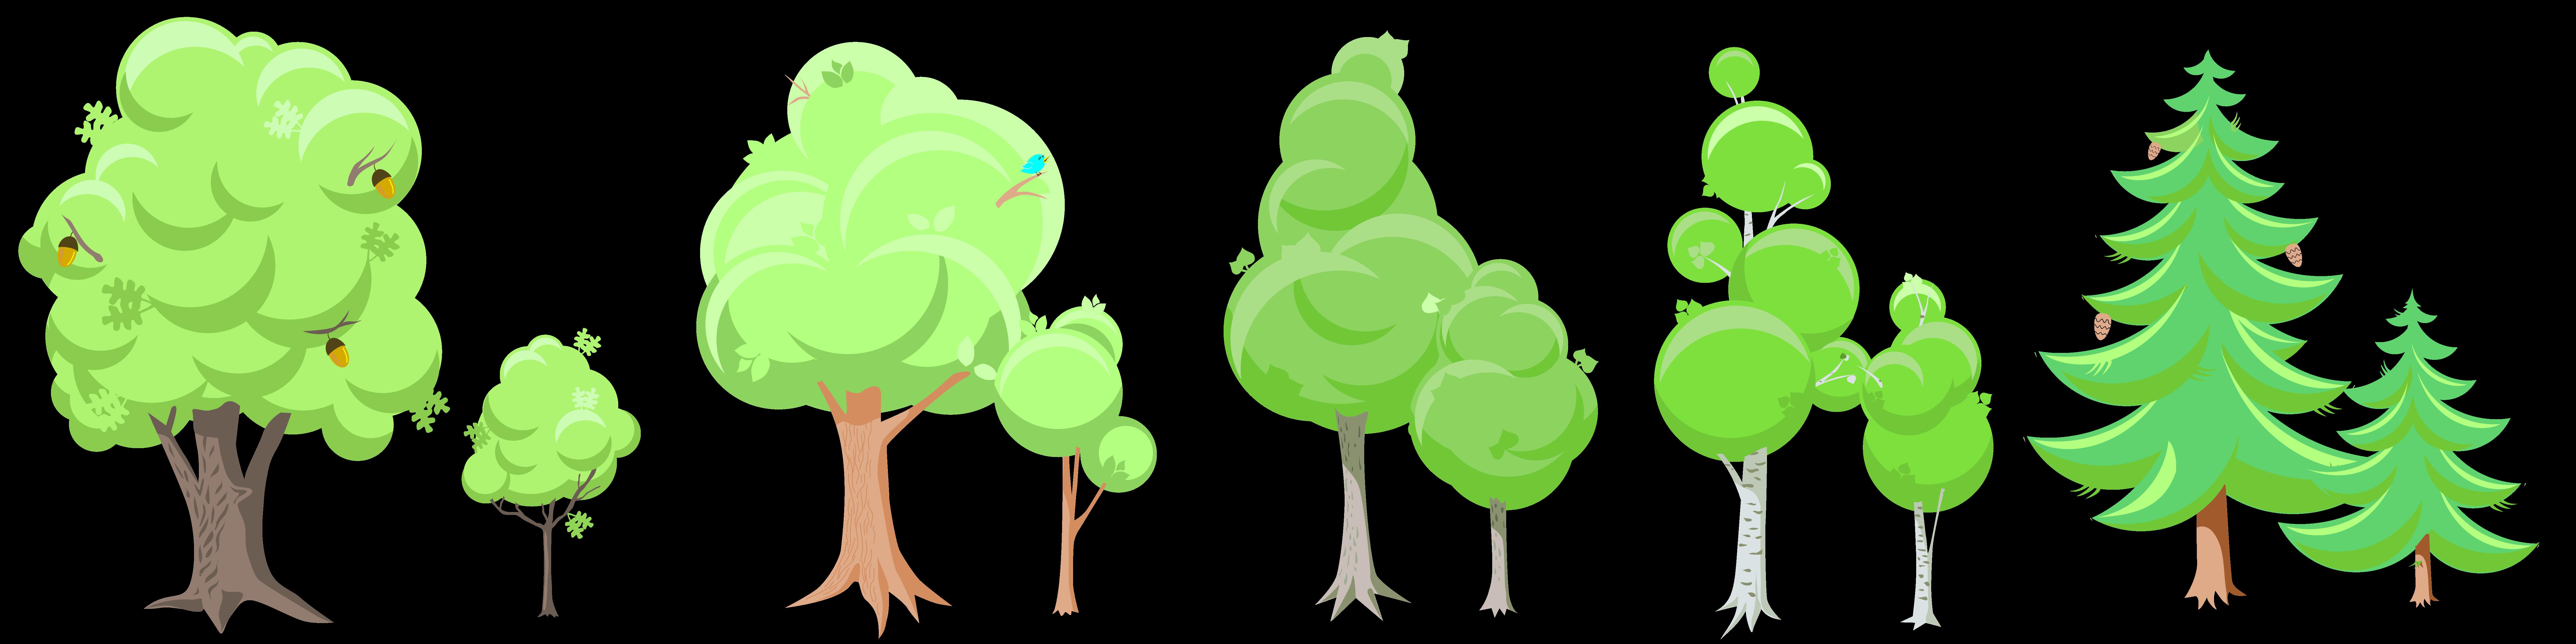 Trees-Trees-18